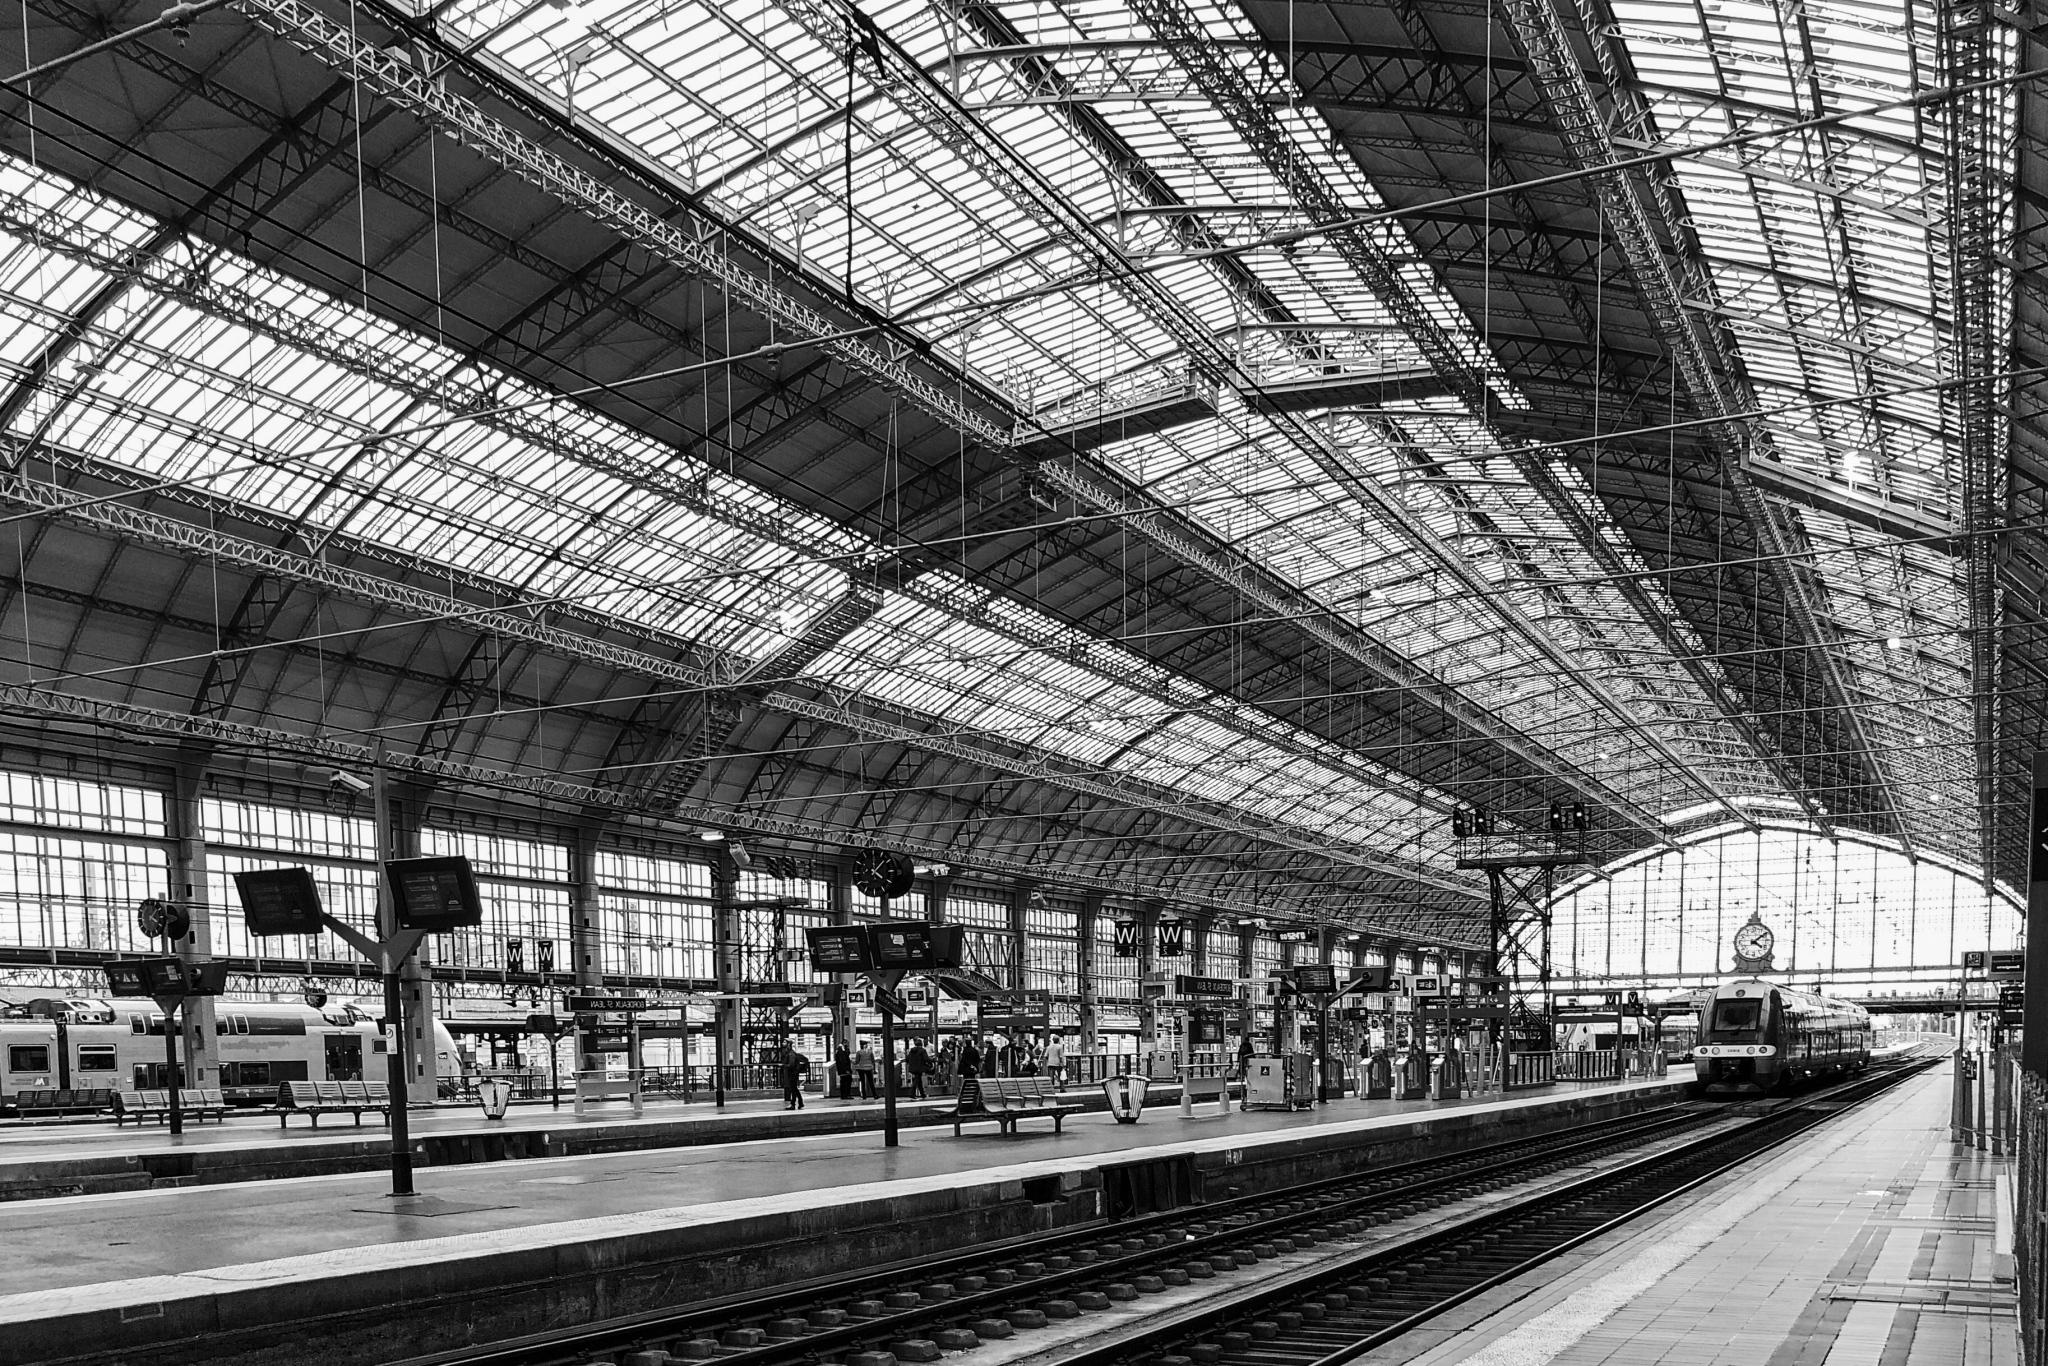 RONDIO-Gilles-Expo-2019-Projection-1-Voyage-de-gare-en-gare